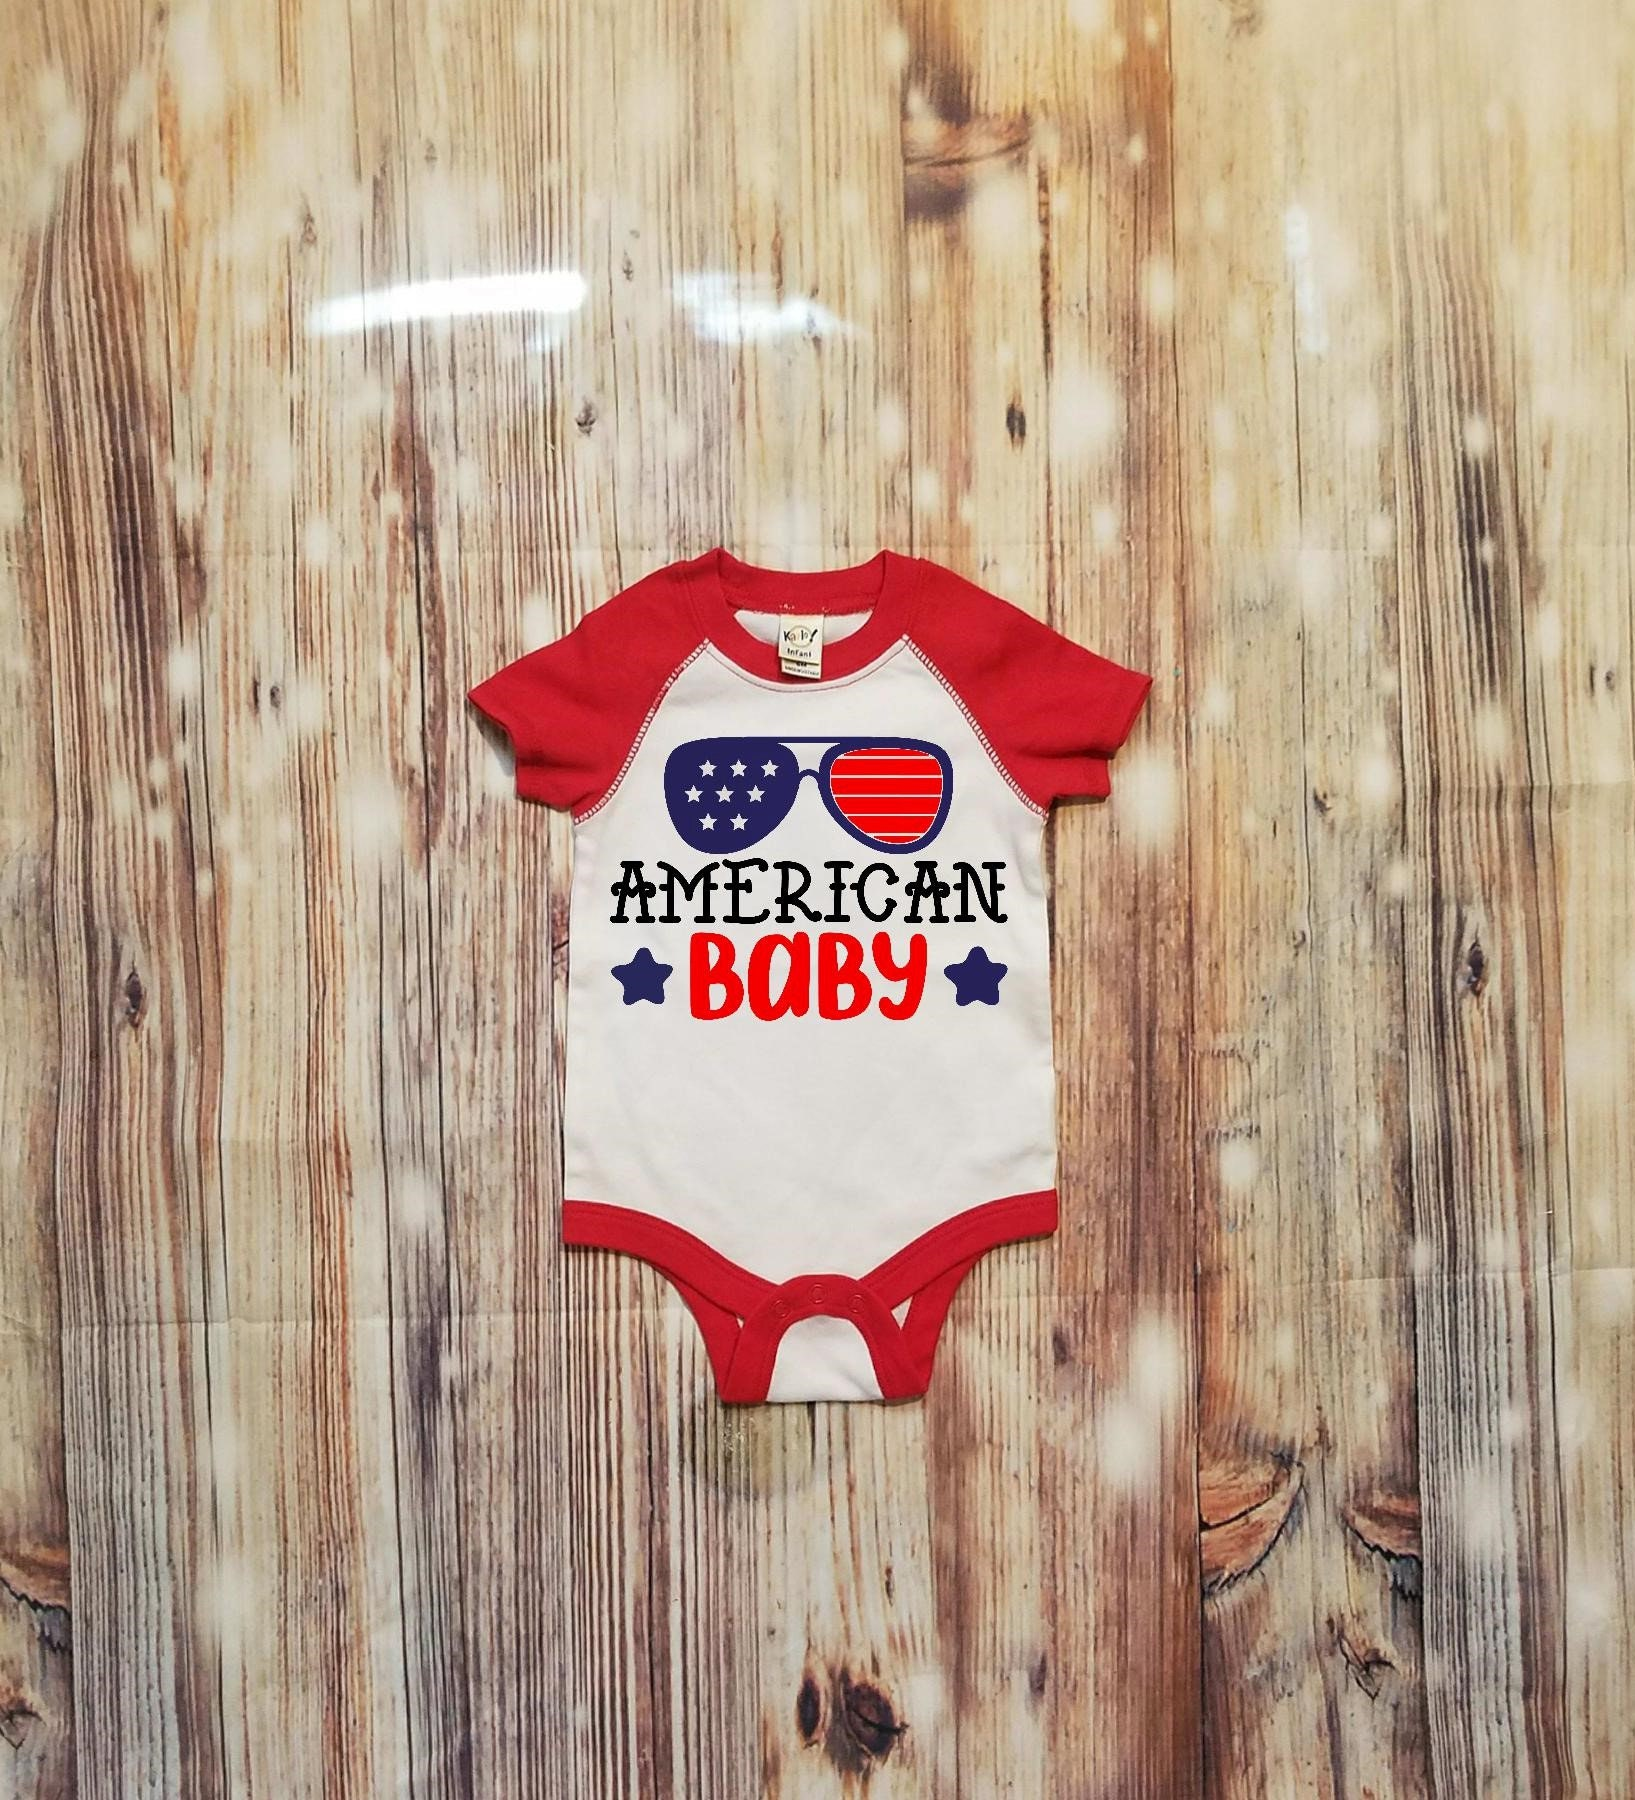 Baby Patriotic Outfit Patriotic Baby Patriotic Outfit Patriotic